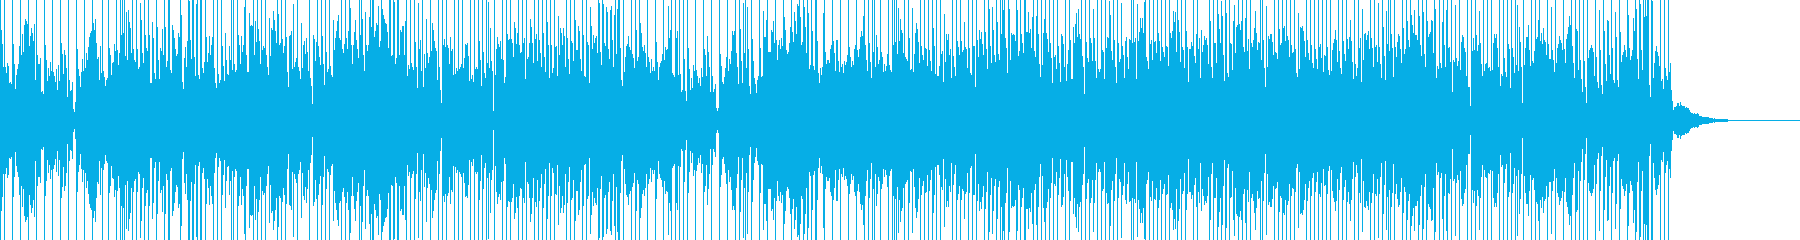 シンセパッドが気持ちいいカッコイイBGMの再生済みの波形